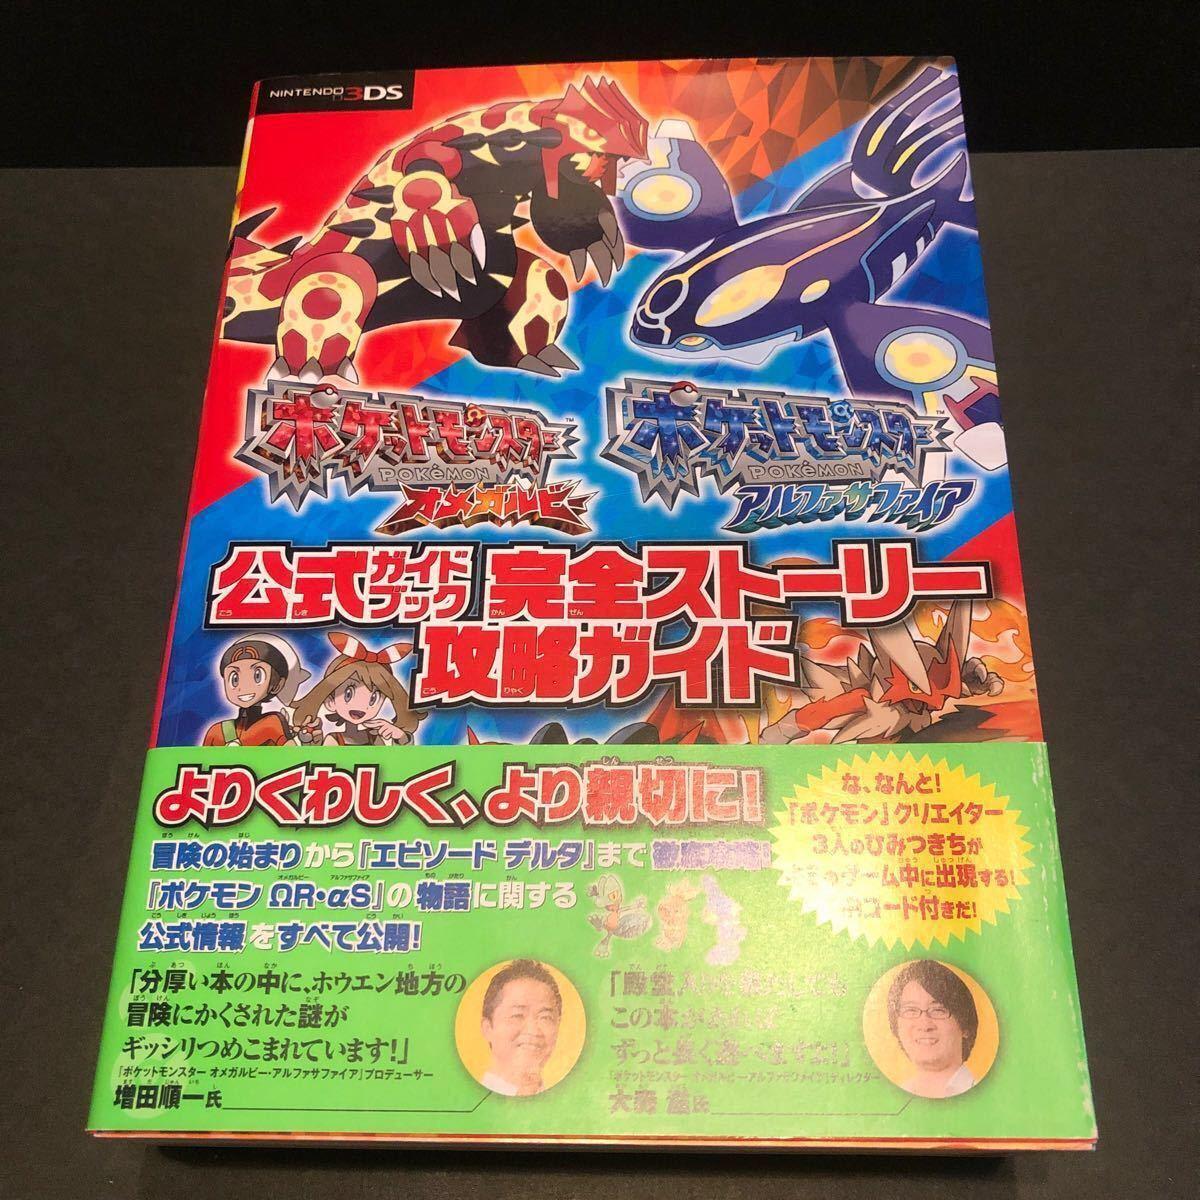 ニンテンドー3DS ポケットモンスター オメガルビー ソフト&攻略本2冊セット